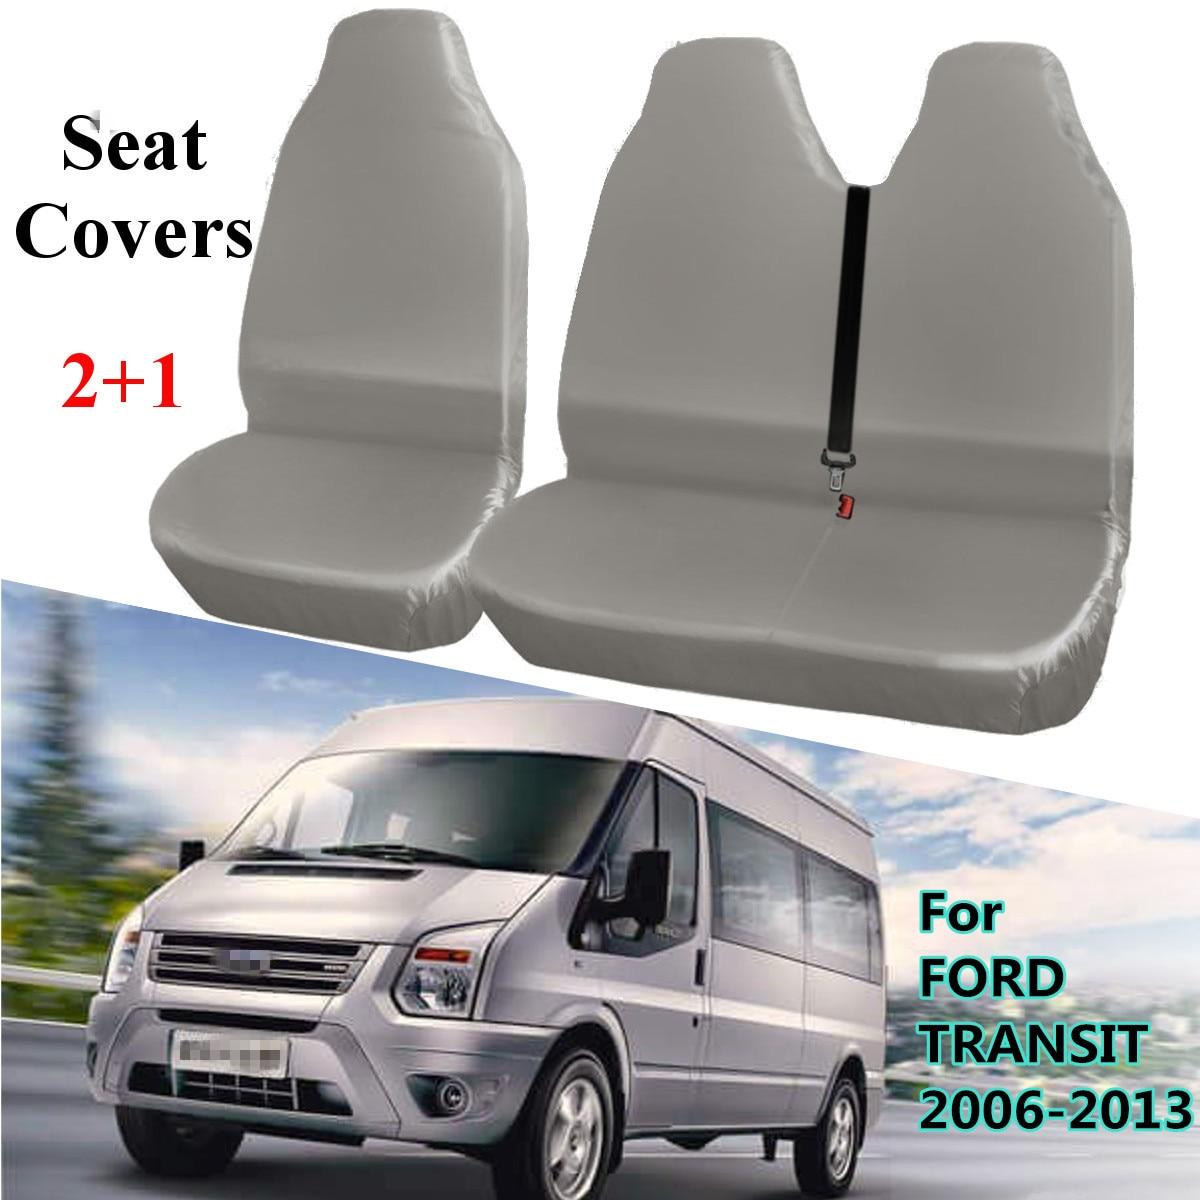 2 + 1 gris Universel Étanche Van Automobiles Siège Couvre Protecteur pour FORD TRANSIT 2006-2013